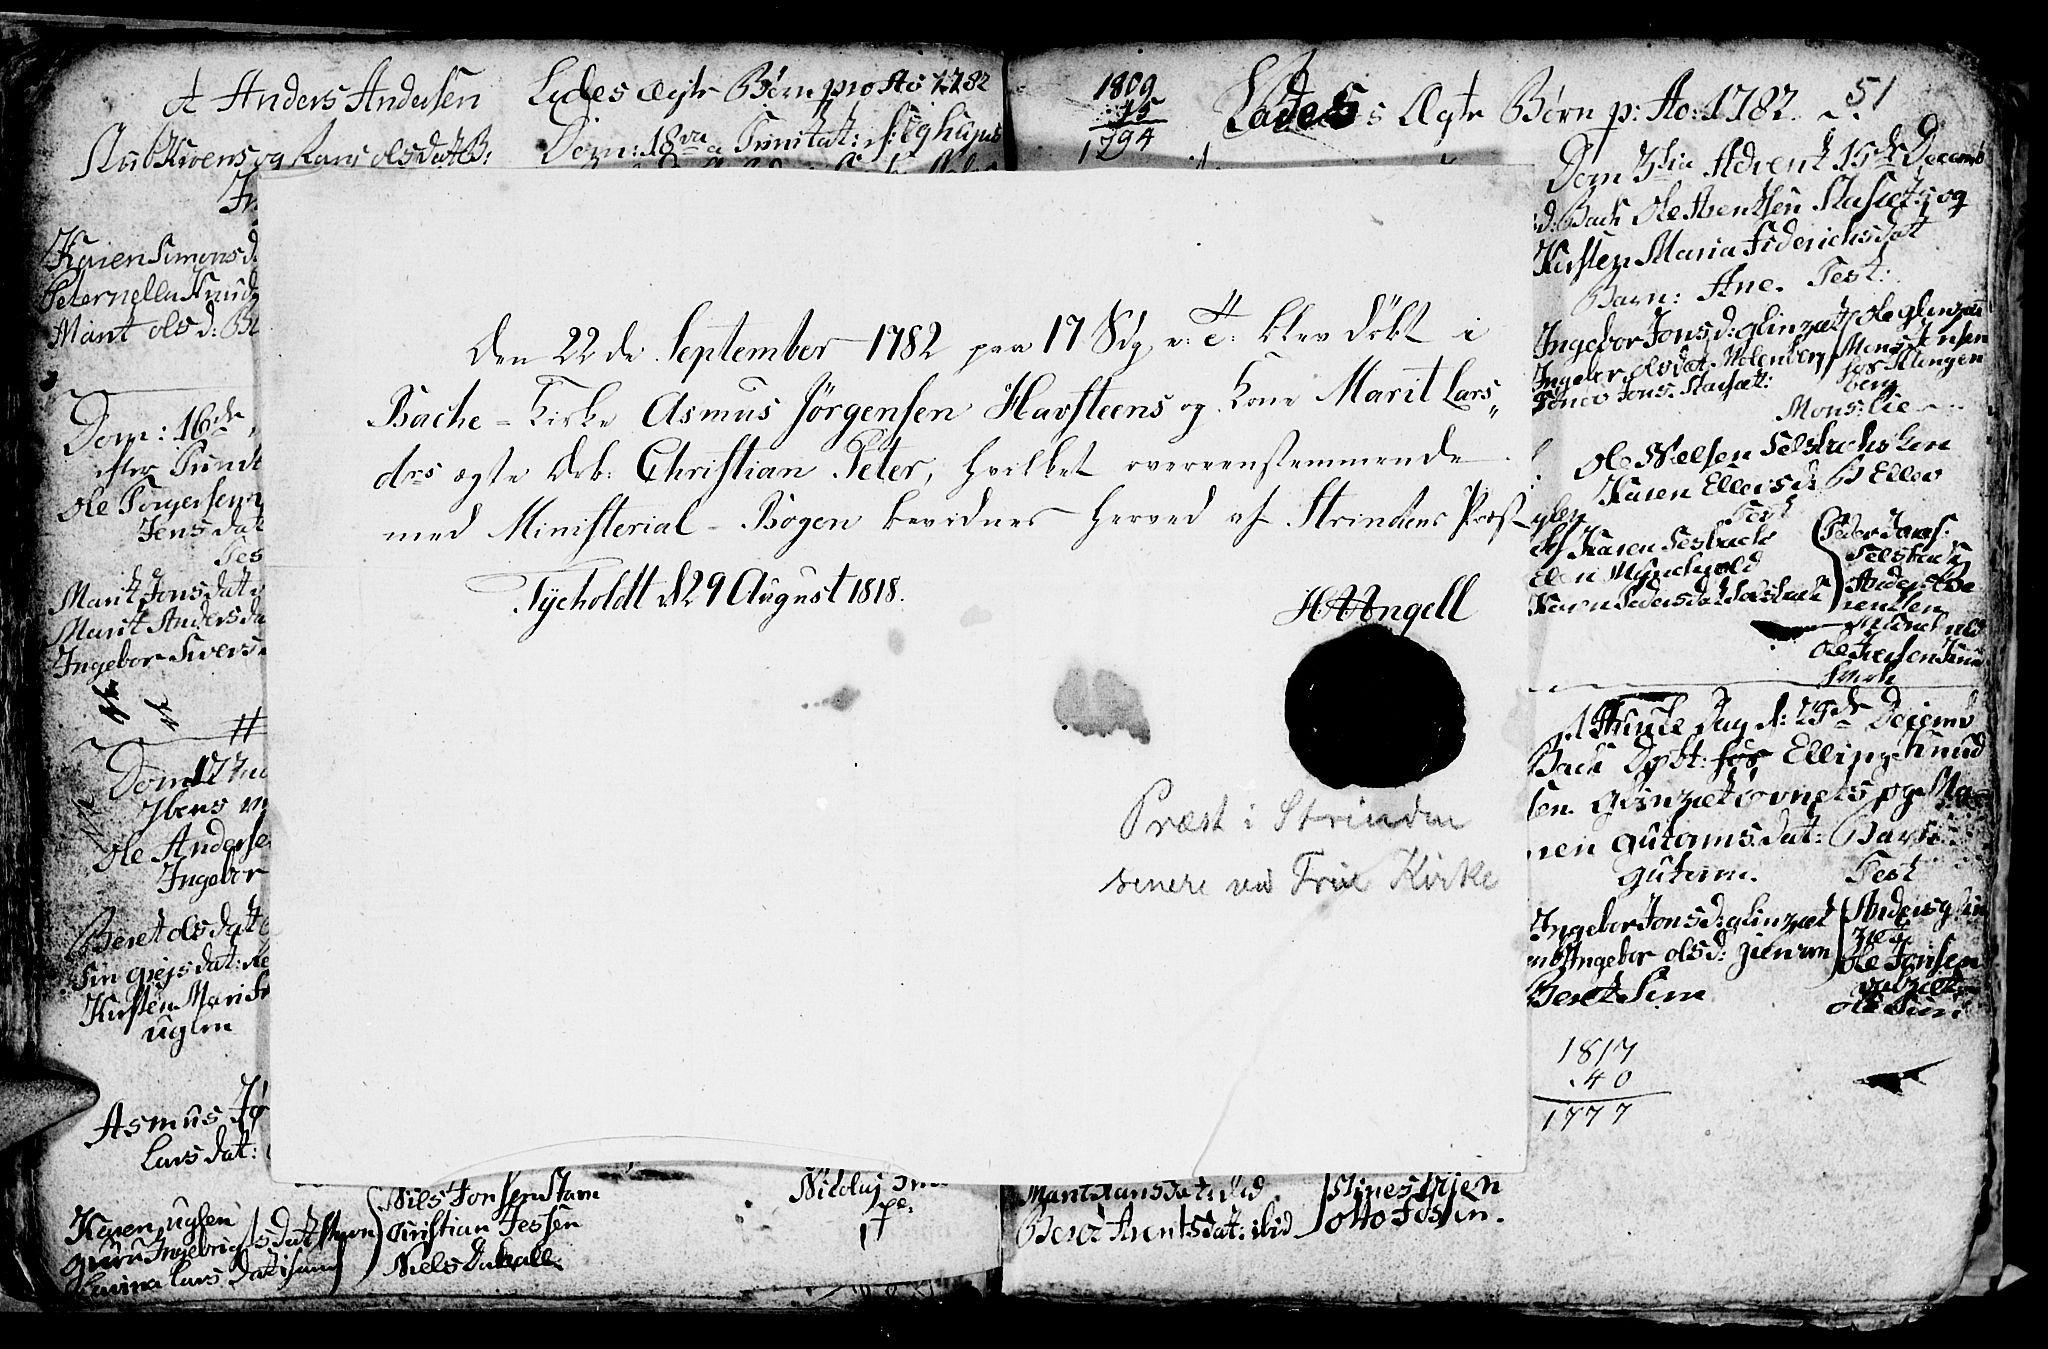 SAT, Ministerialprotokoller, klokkerbøker og fødselsregistre - Sør-Trøndelag, 606/L0305: Klokkerbok nr. 606C01, 1757-1819, s. 51